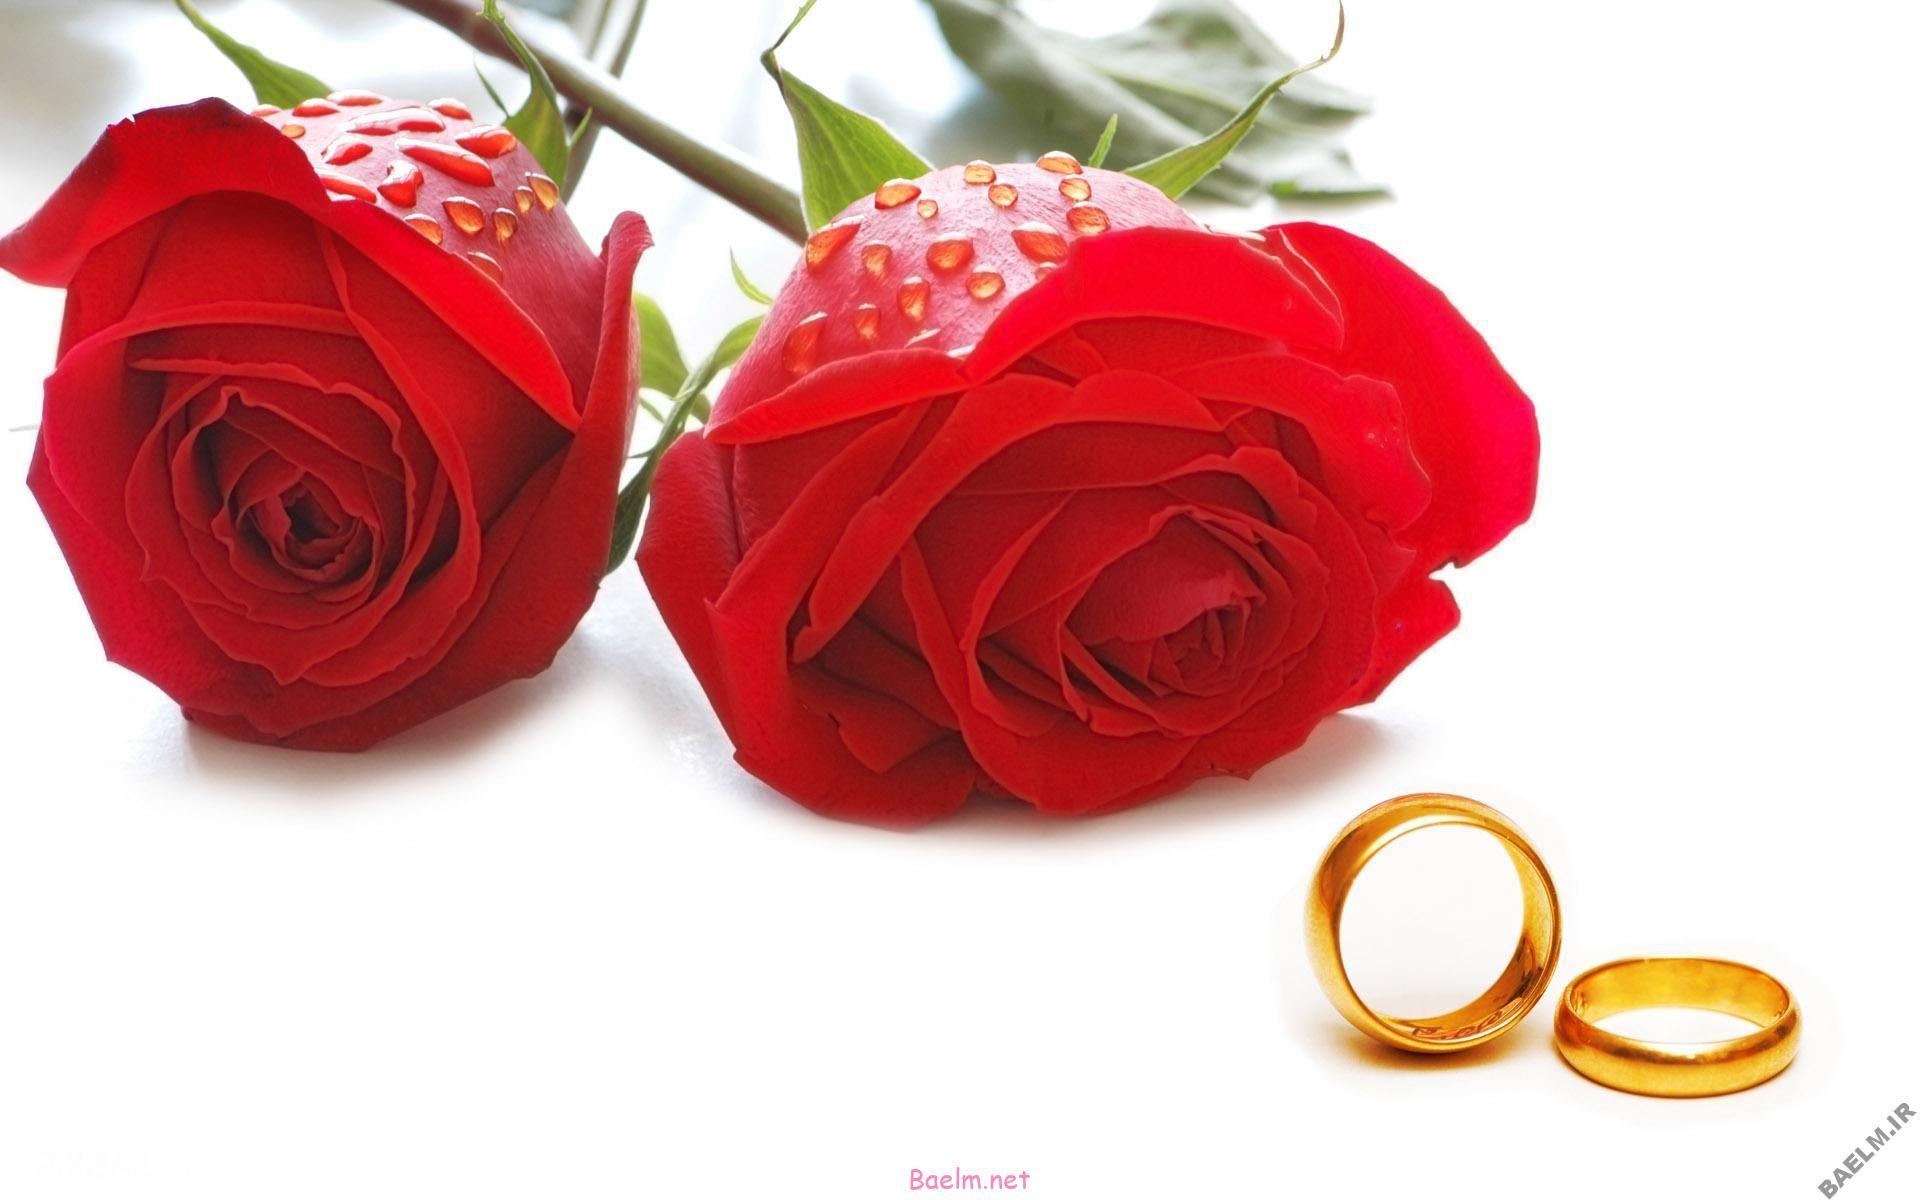 سبک زندگی : تفاوت رابطه نامشروع با ازدواج موقت